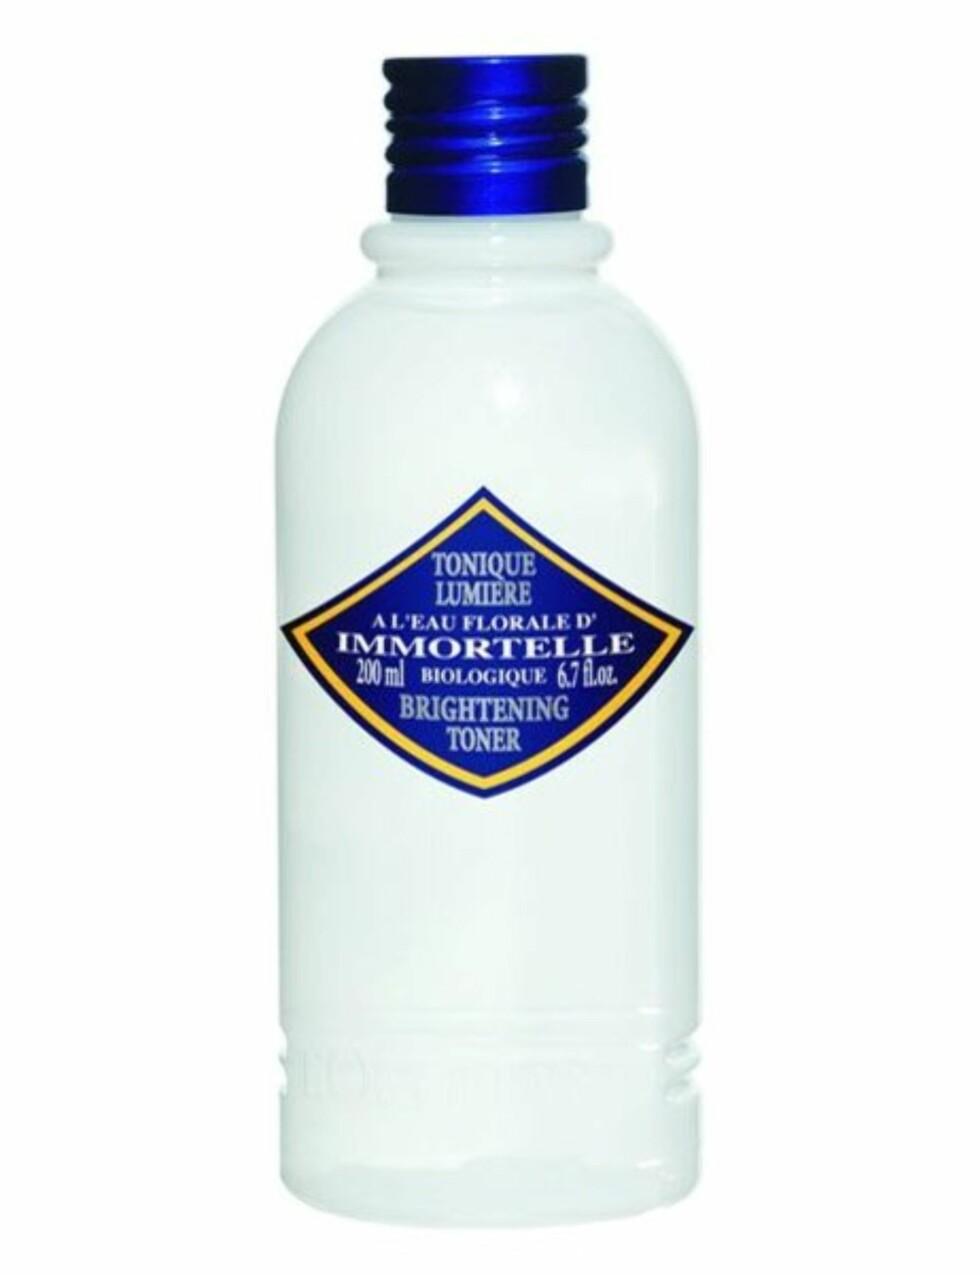 Immortelle Brightening Toner har alkoholdfri formula og inneholder en spesiell kombinasjon av aktive ingredienser, blant annet eteriske oljer som skal beskytte huden mot aldring (200 ml, kr 185, L'Occitane).